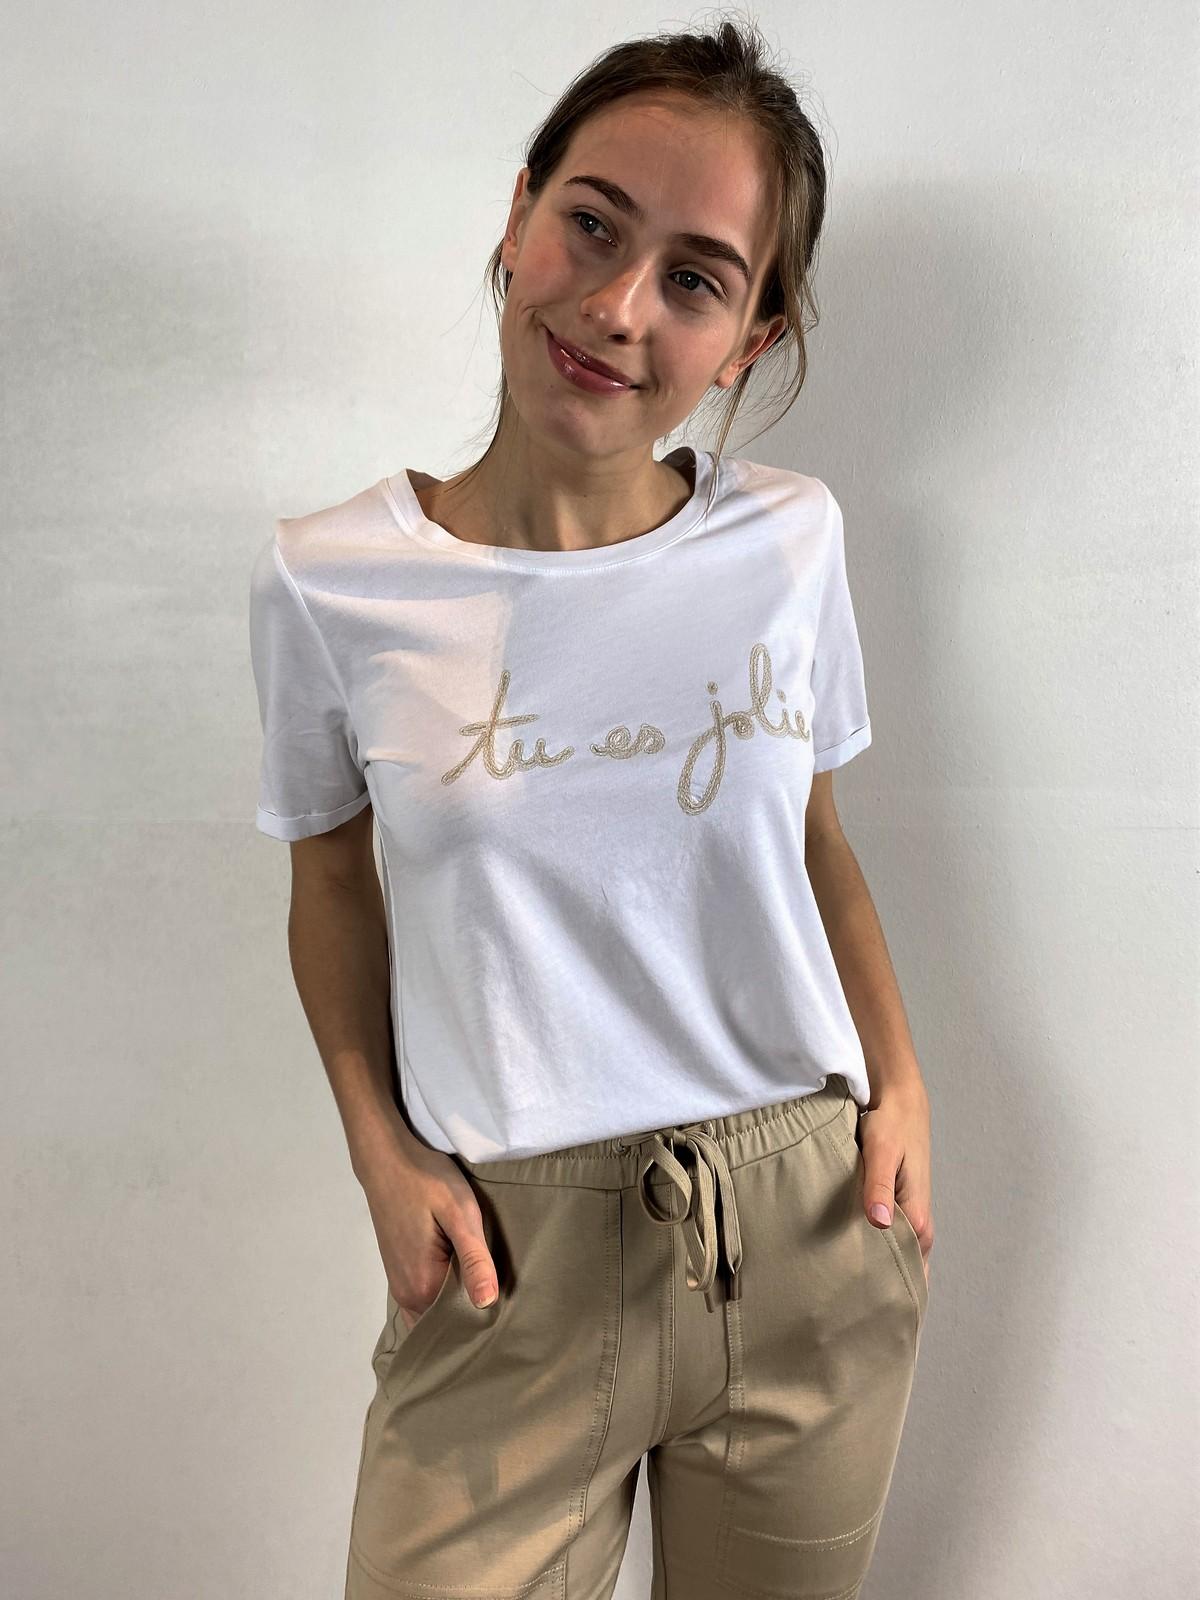 T-shirt tu es jolie - 26534 - Margittes